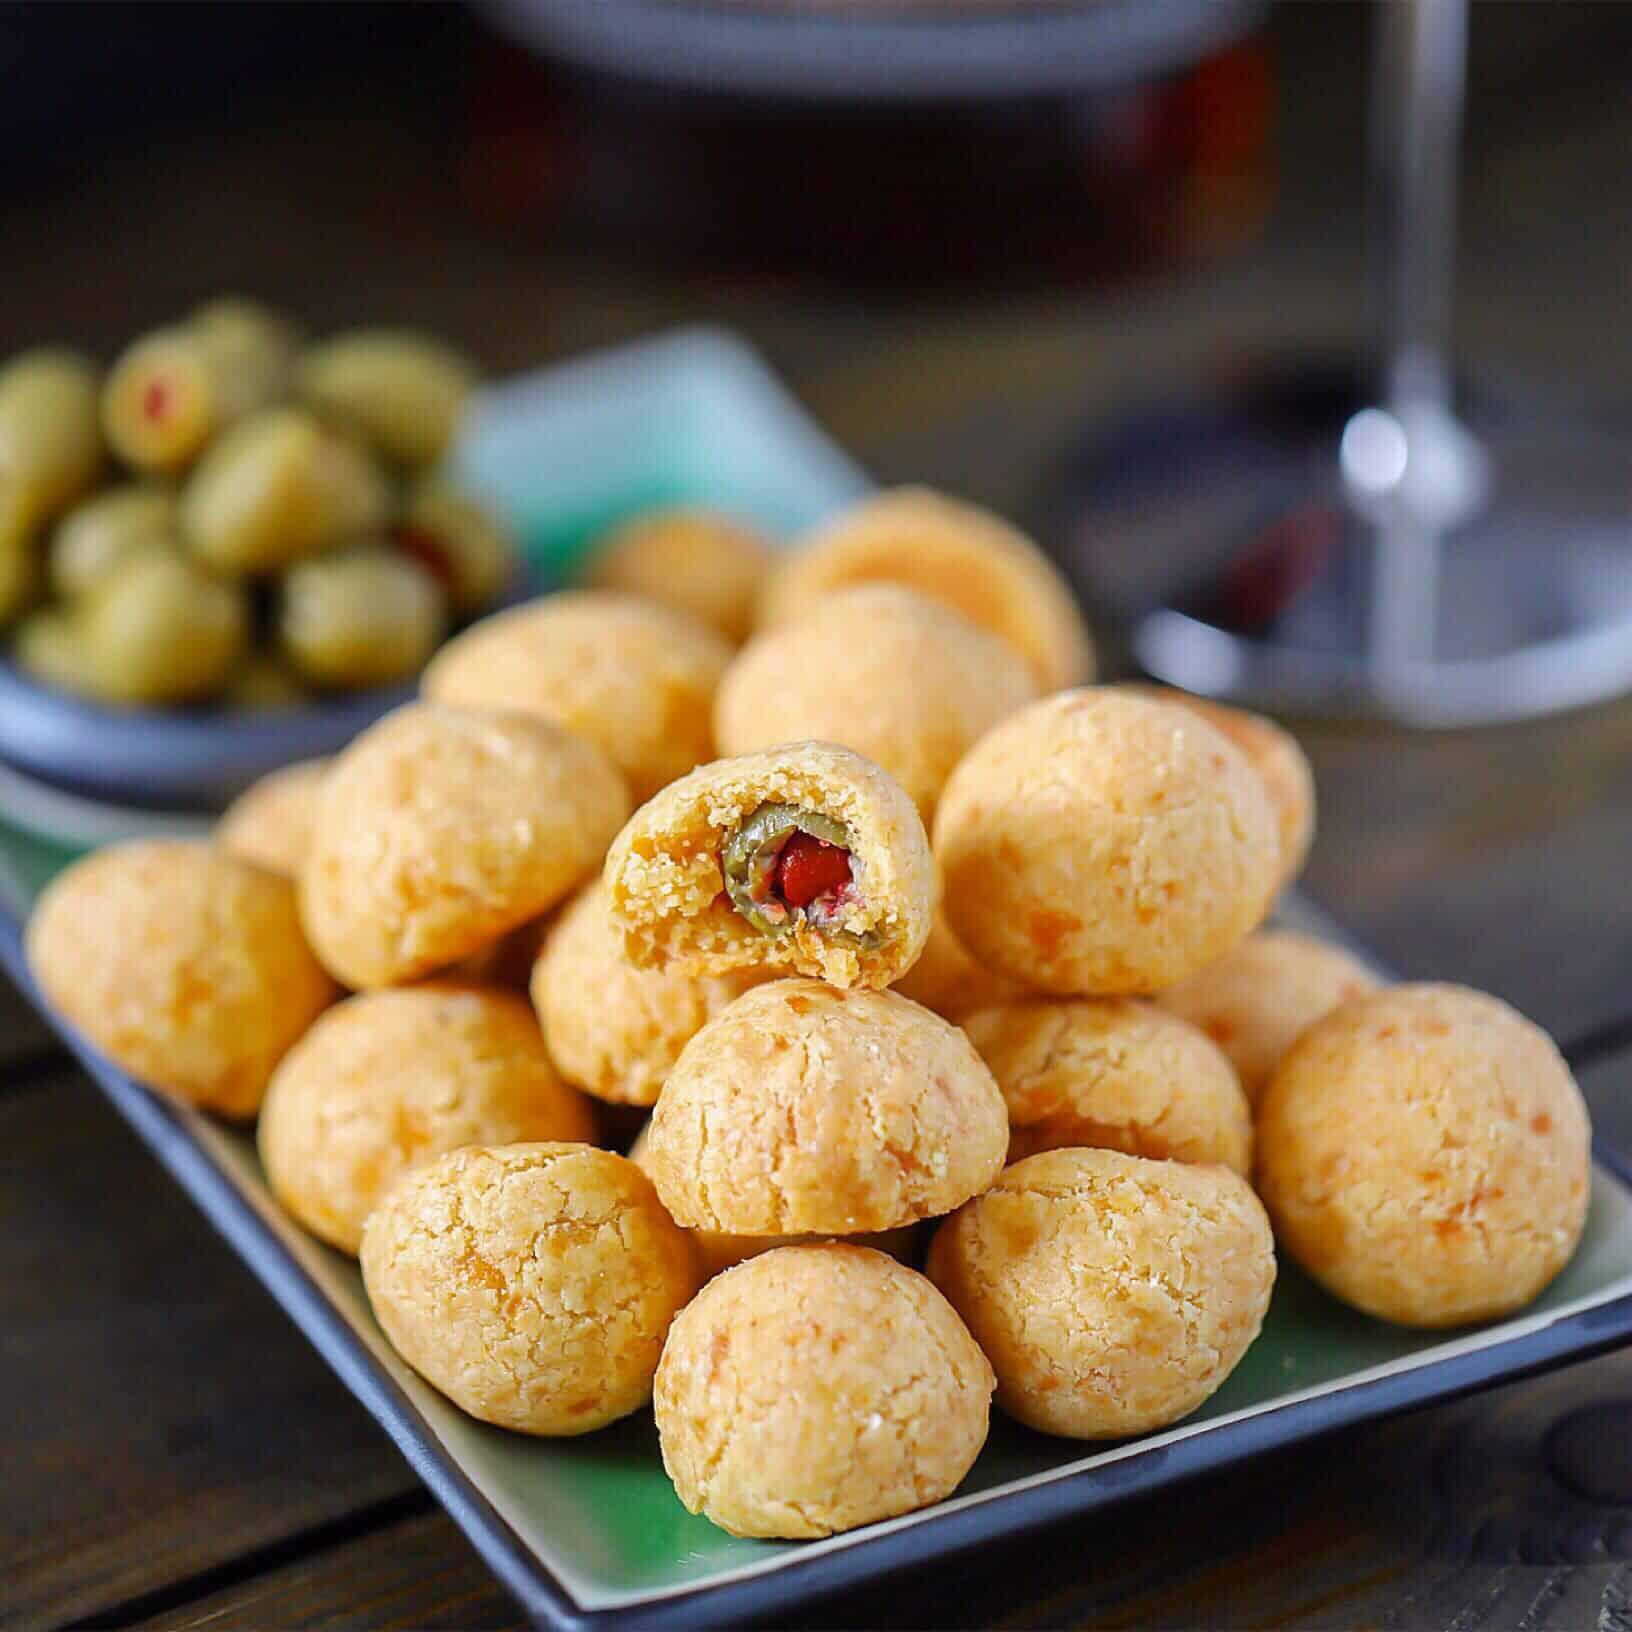 Grain-Free Baked Cheddar + Olive Balls